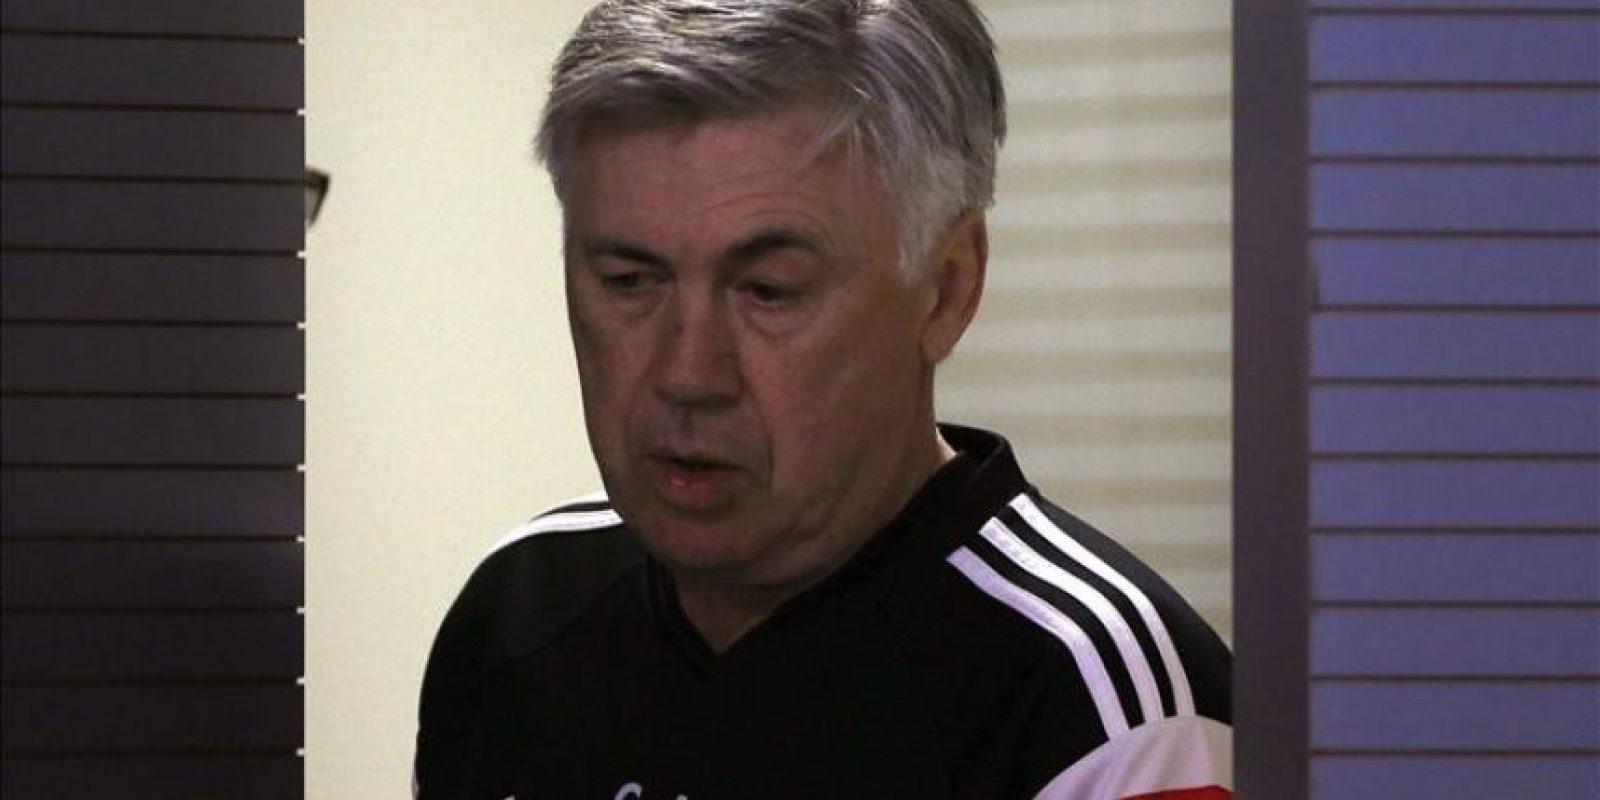 El entrenador italiano del Real Madrid, Carlo Ancelotti, poco antes de la rueda de prensa que ofreció tras el entrenamiento que el equipo realizó hoy en la Ciudad deportiva de Valdebebas de cara al partido de liga que disputarán mañana domingo contra el Getafe. EFE